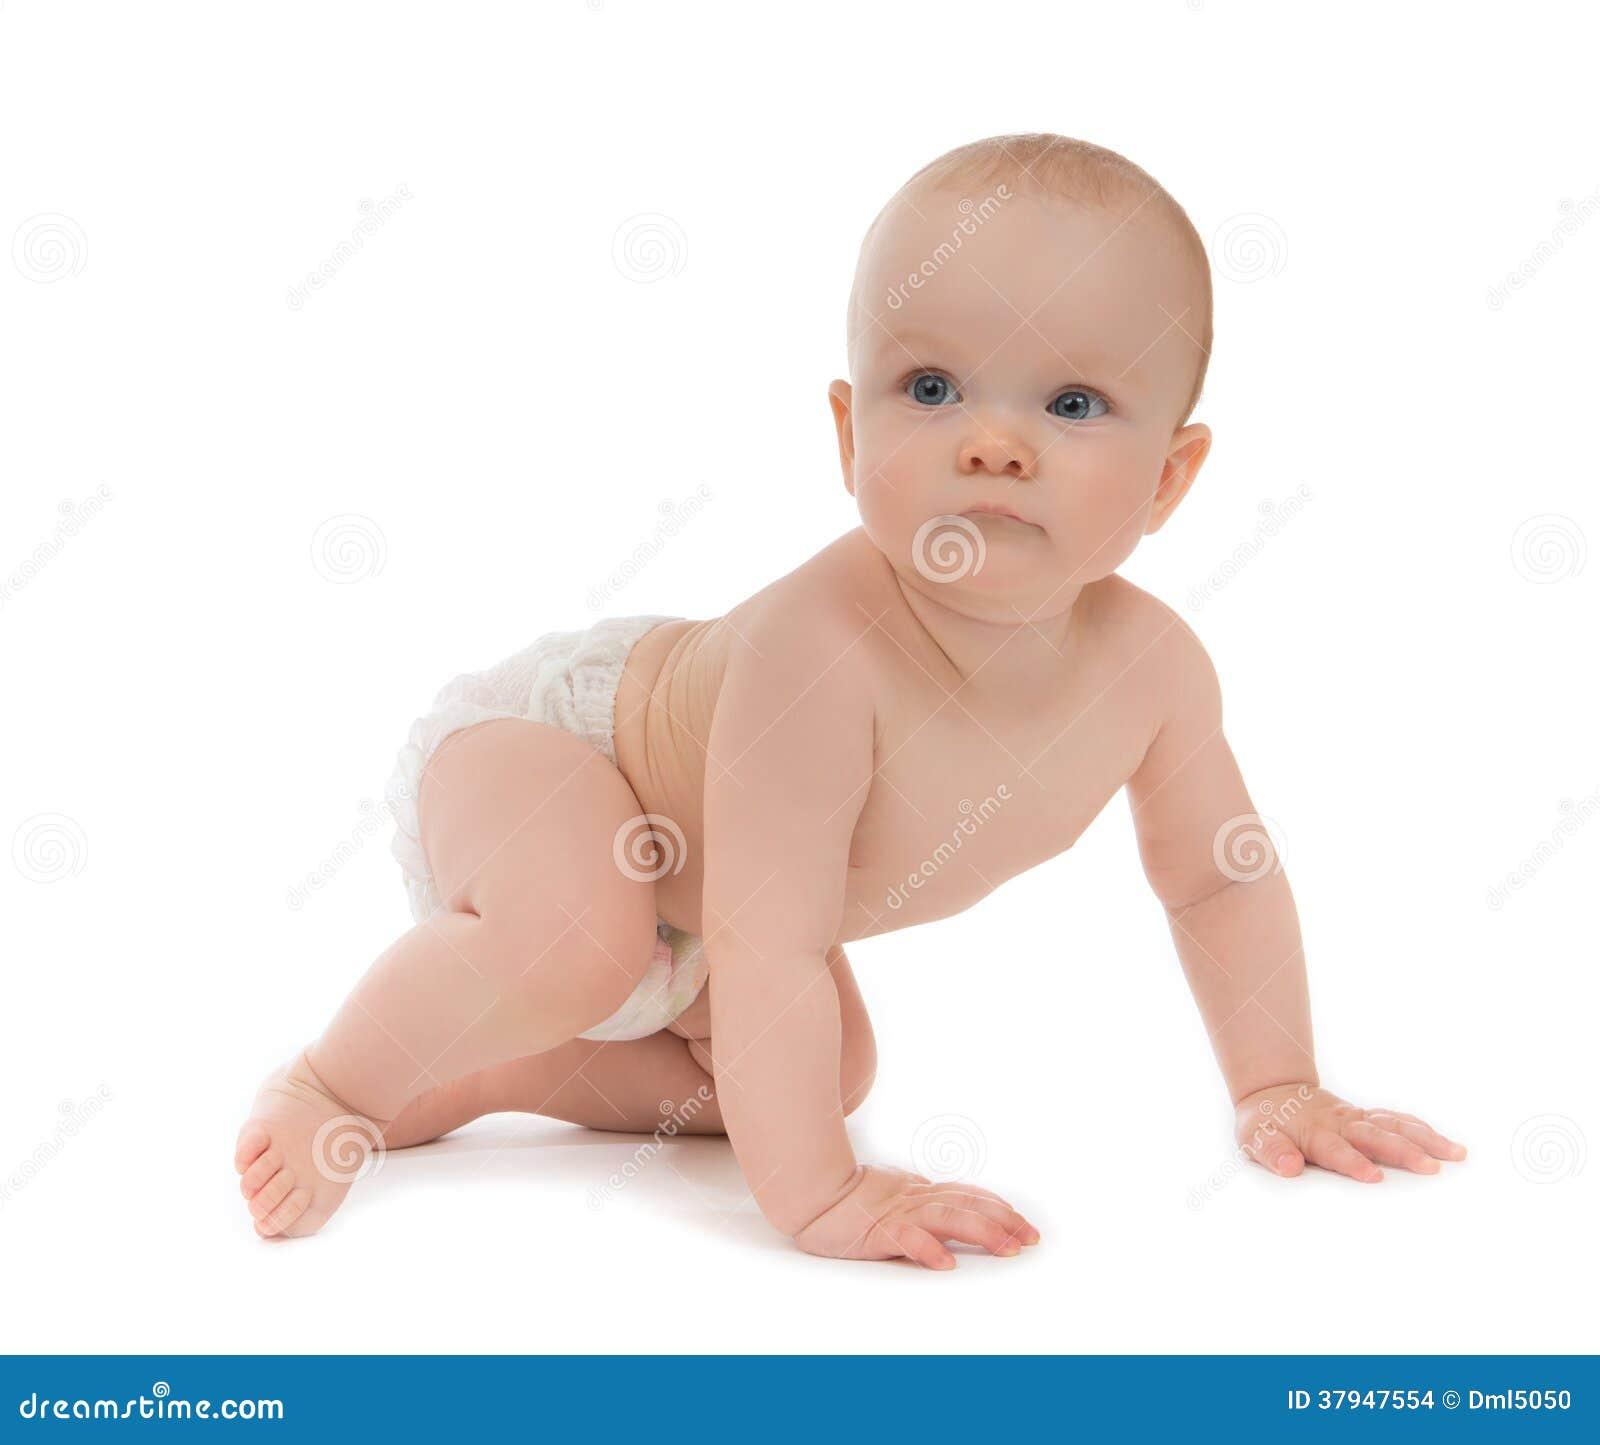 Sentada O Arrastre Del Bebe Del Nino De 9 Meses Foto De Archivo